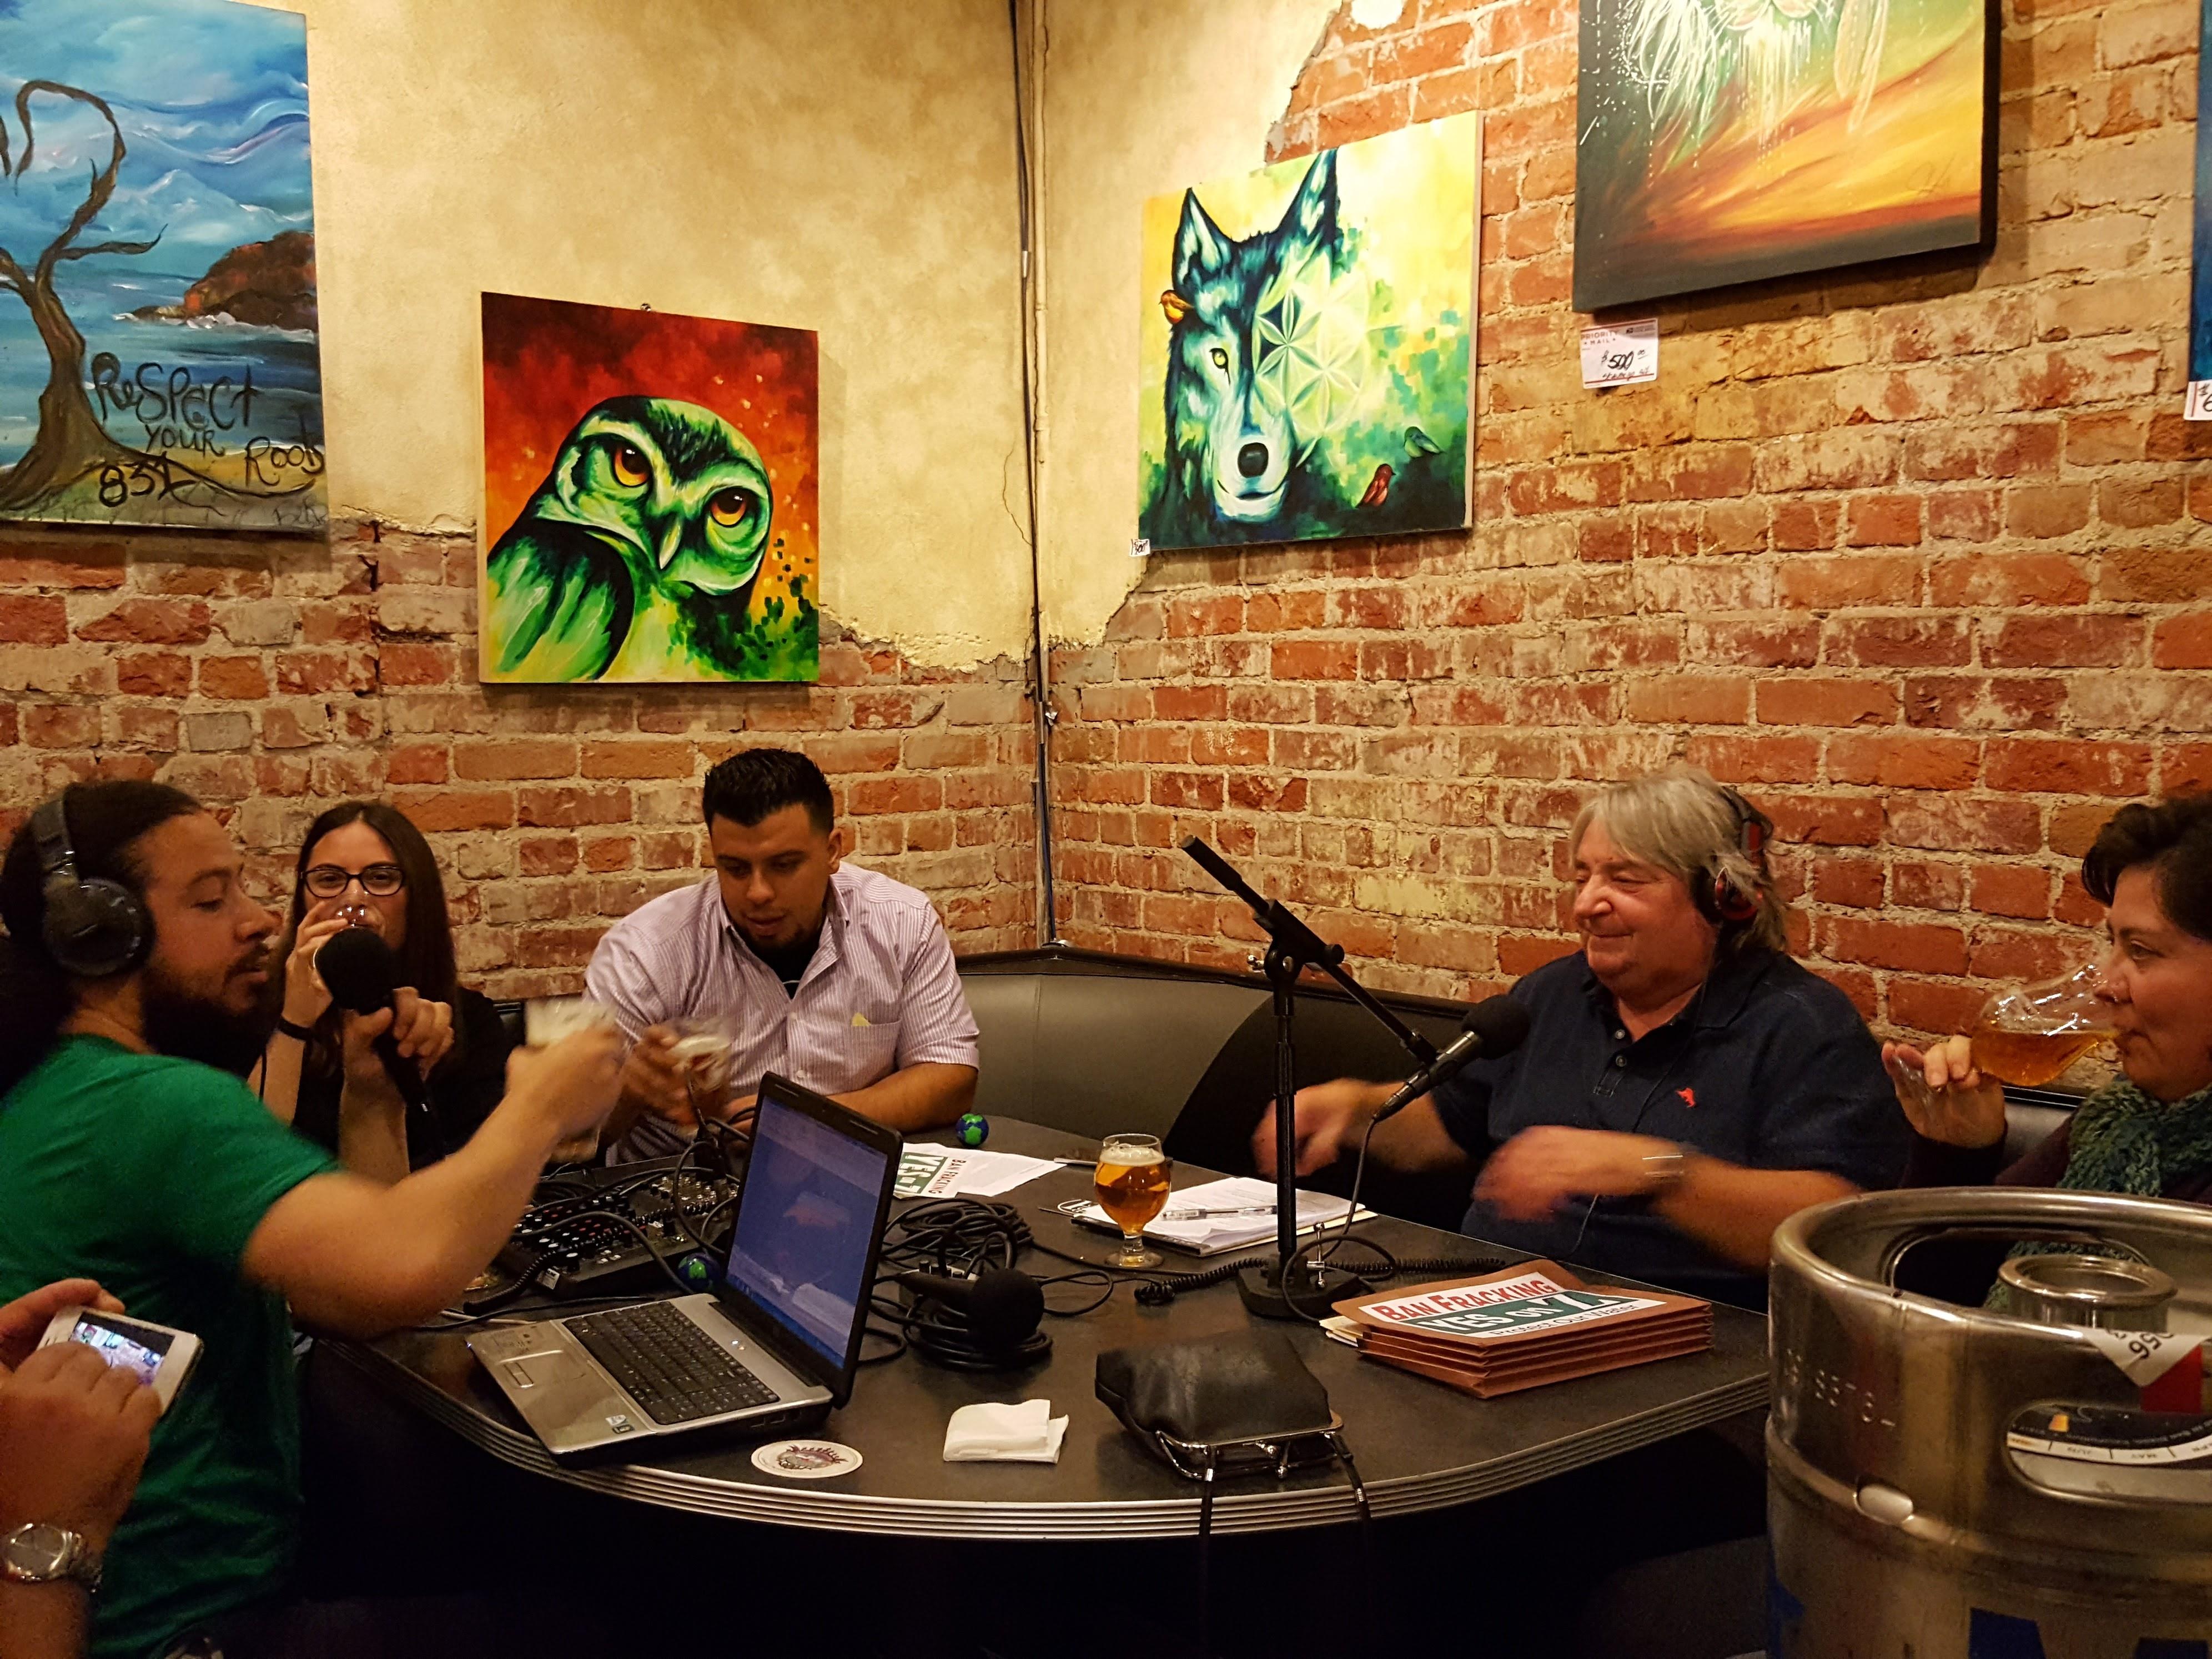 Jim_Interviewed_Salinas_Underground.jpg